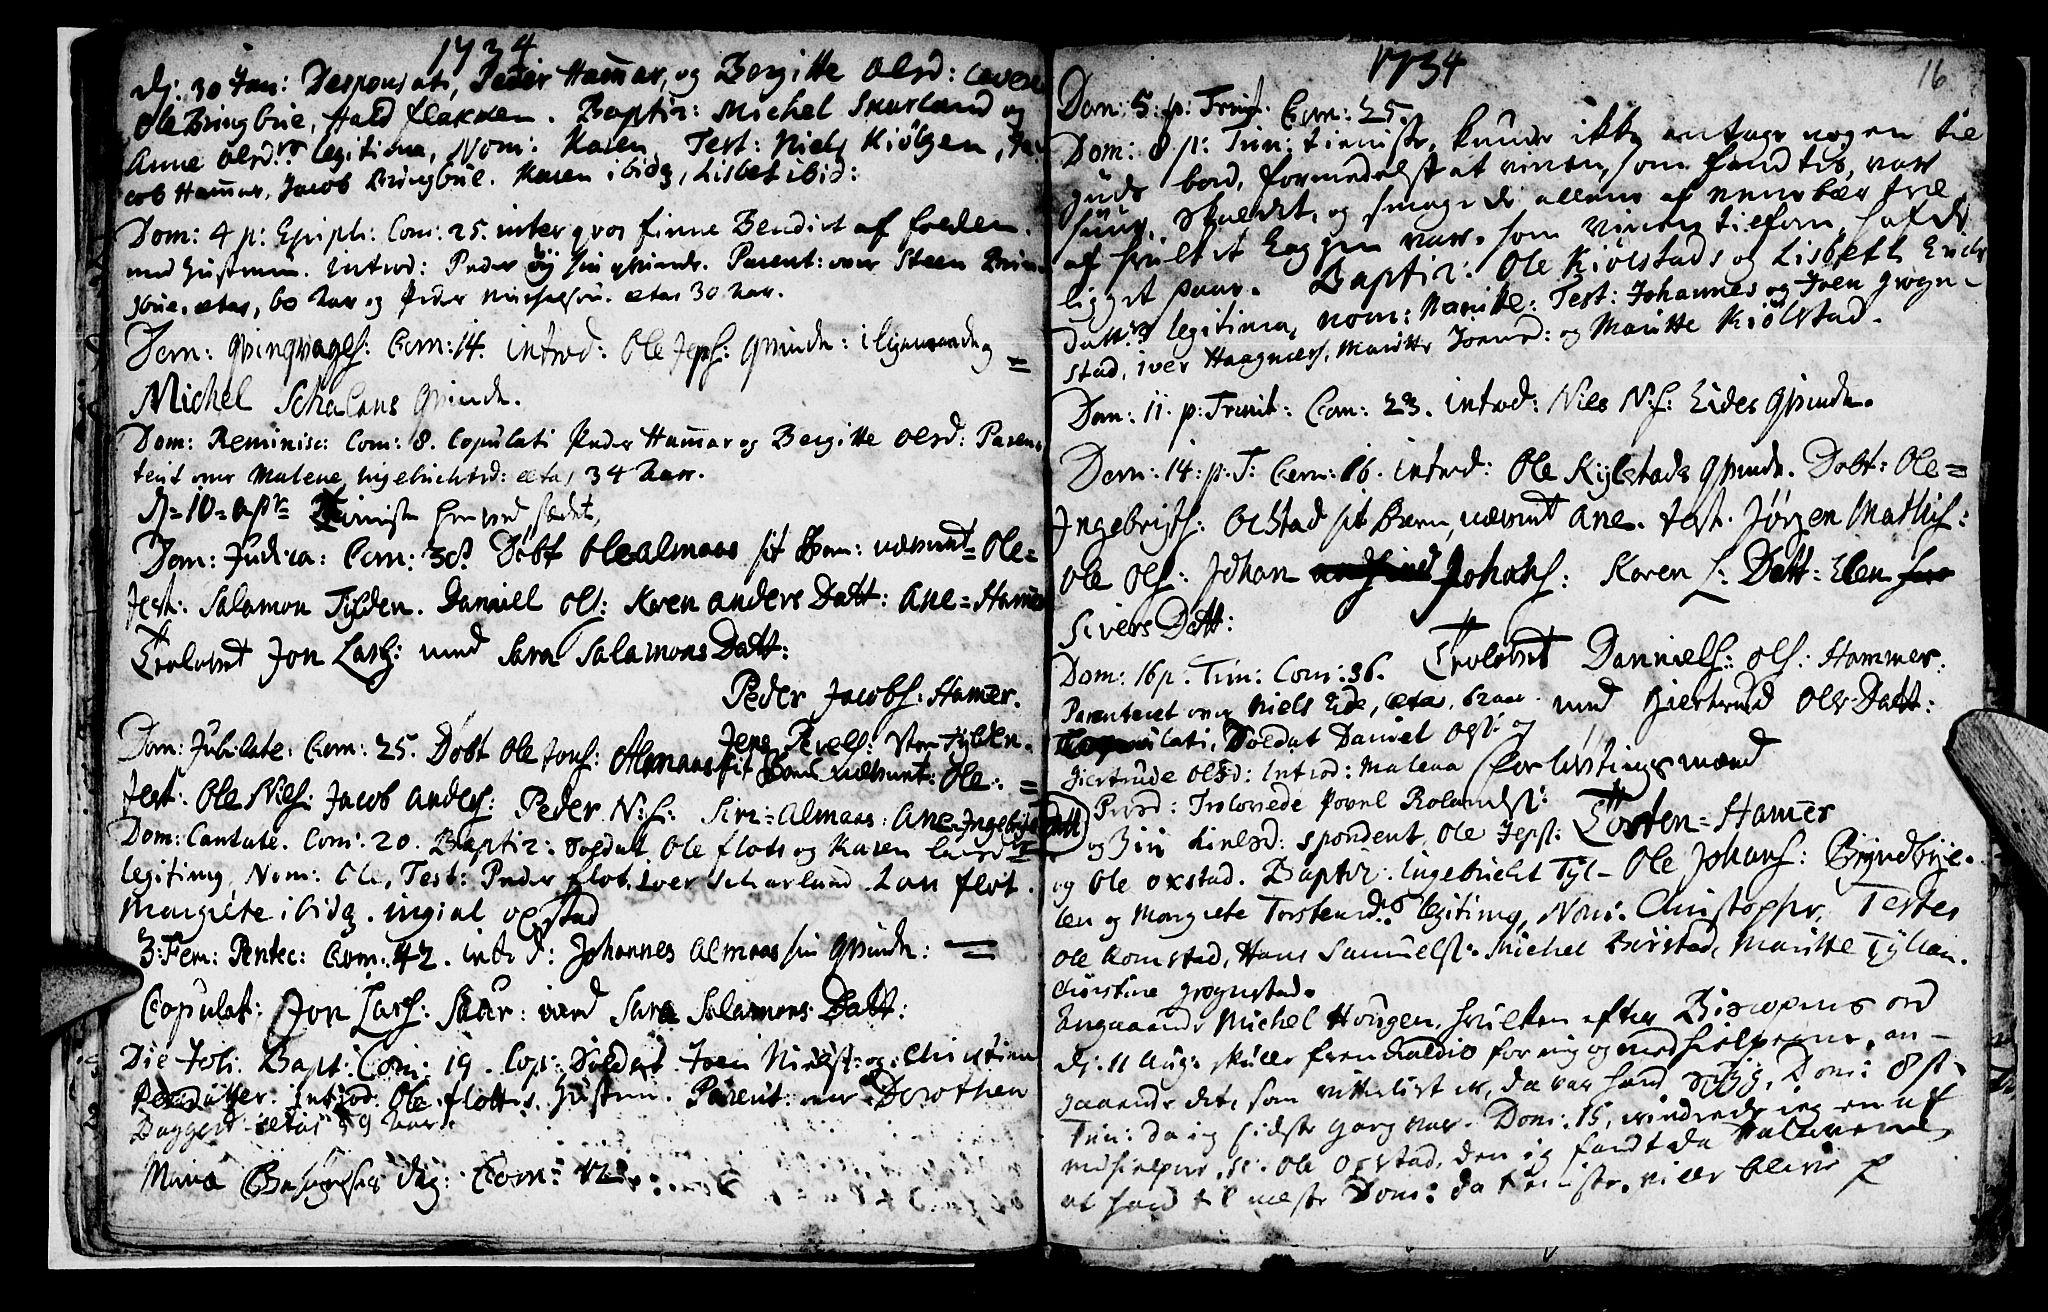 SAT, Ministerialprotokoller, klokkerbøker og fødselsregistre - Nord-Trøndelag, 765/L0560: Ministerialbok nr. 765A01, 1706-1748, s. 16